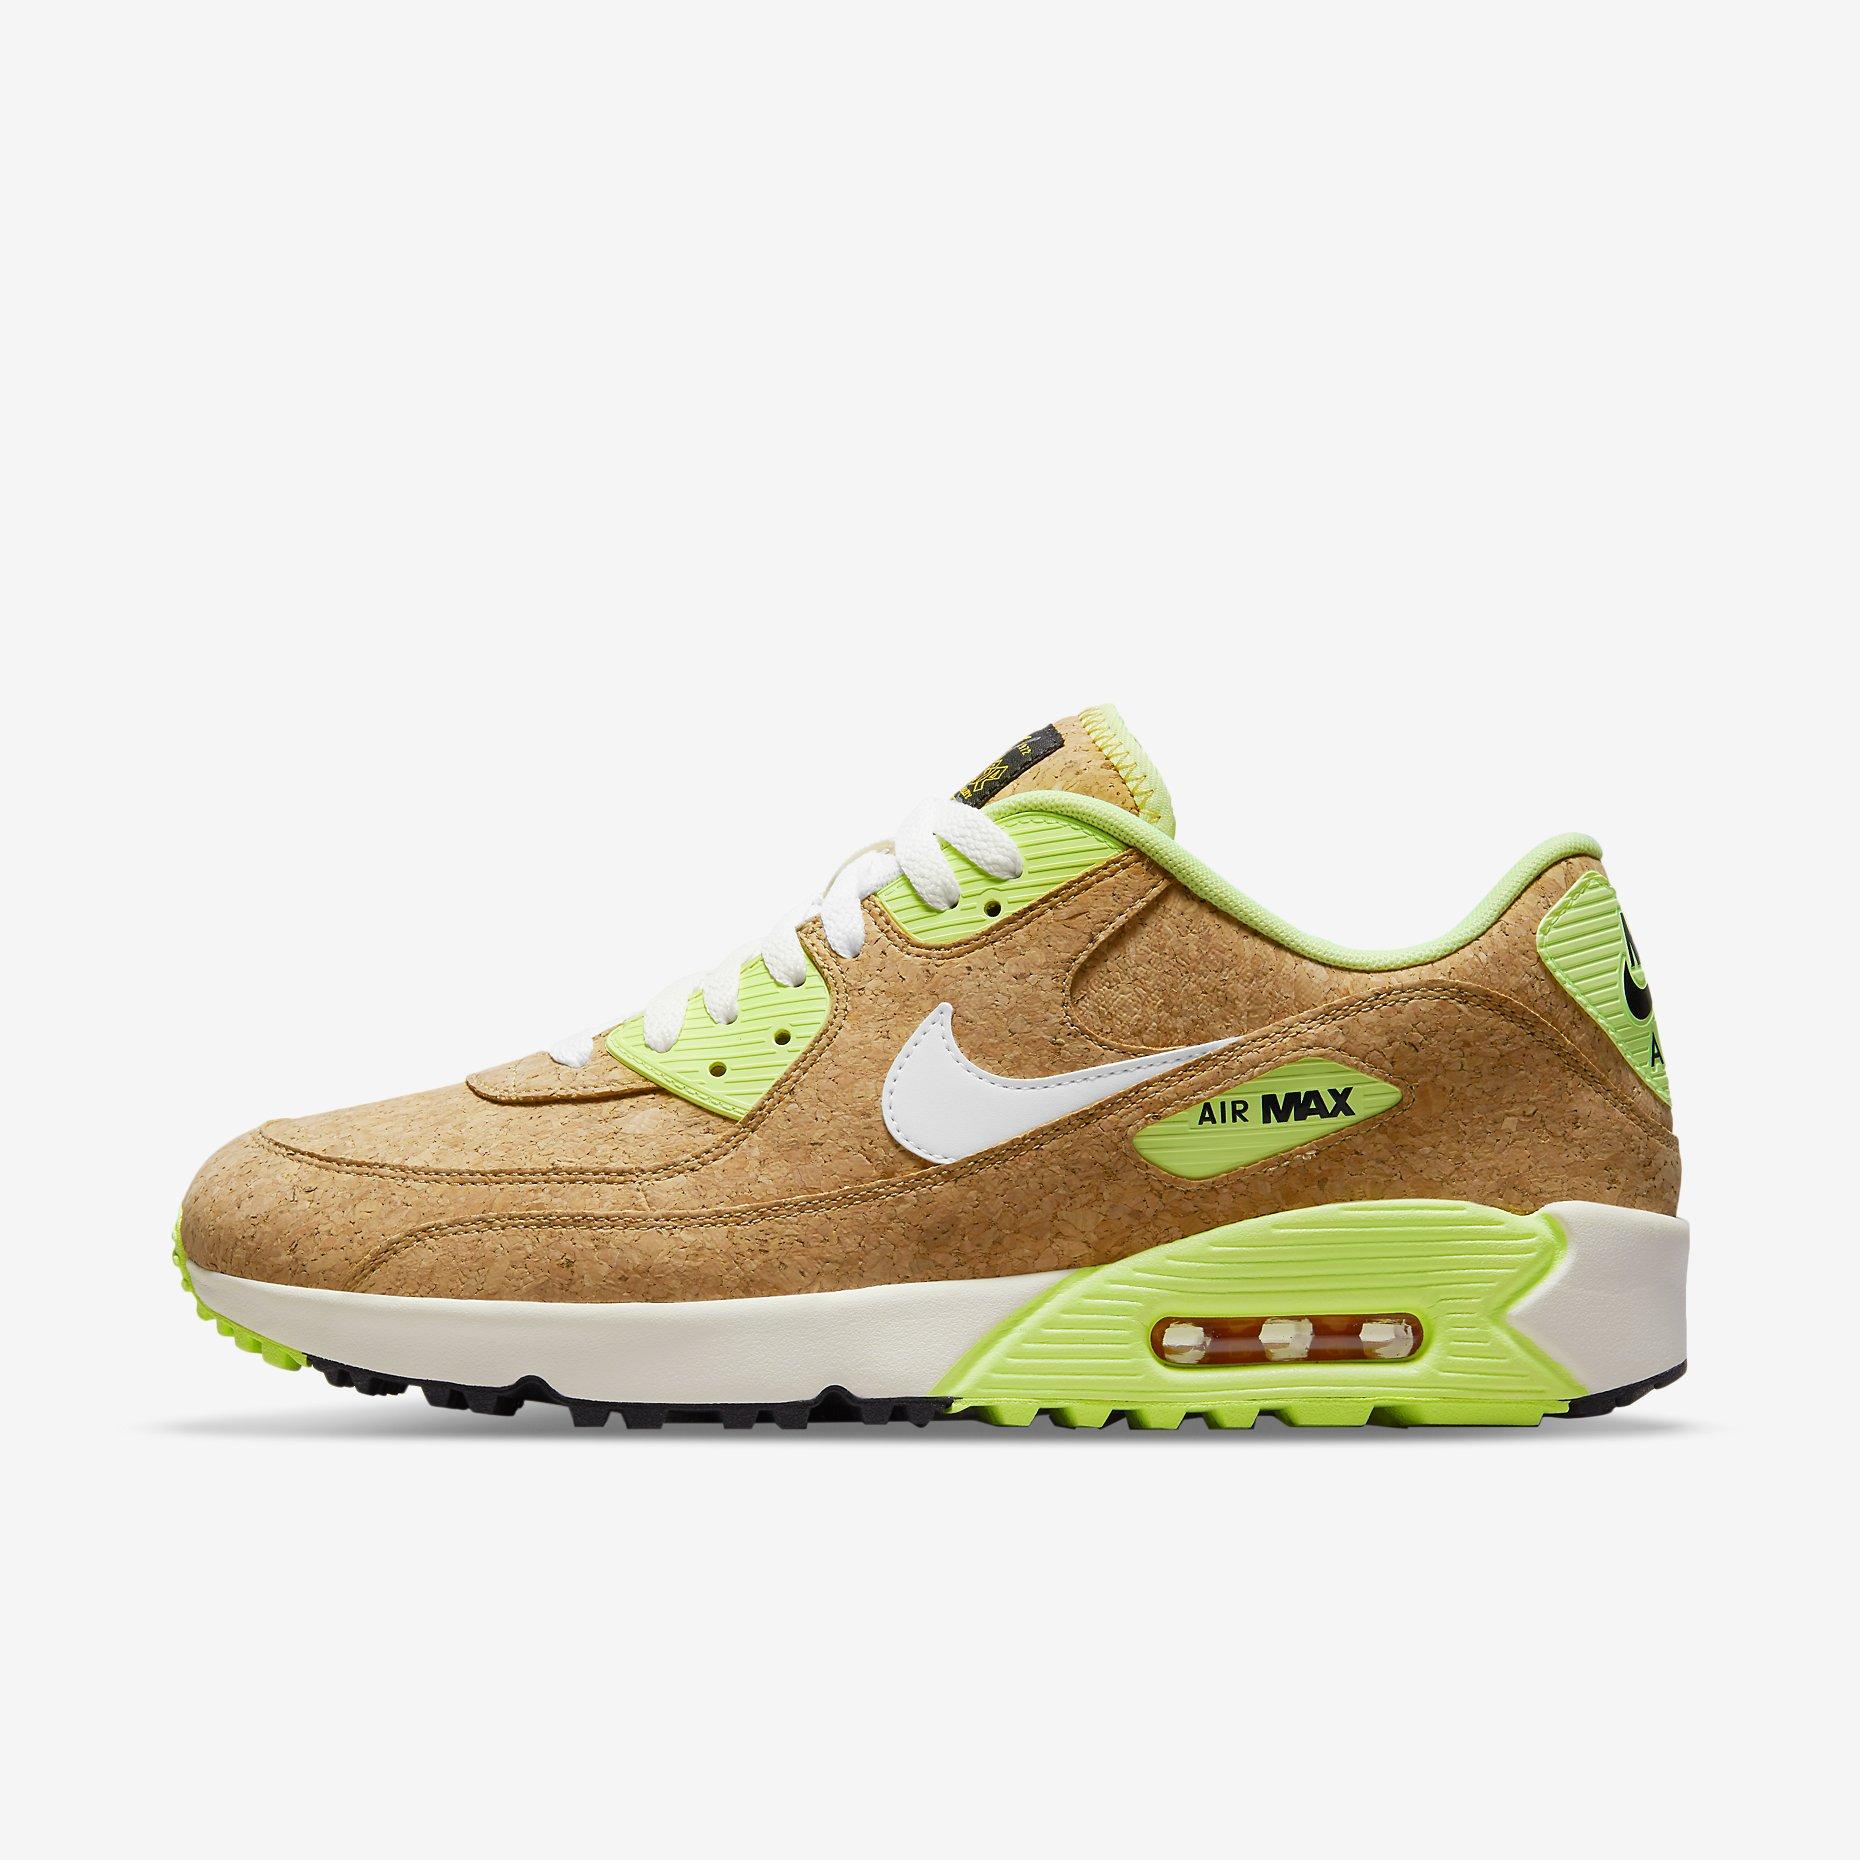 Nike Air Max 90 G NRG 'Cork'